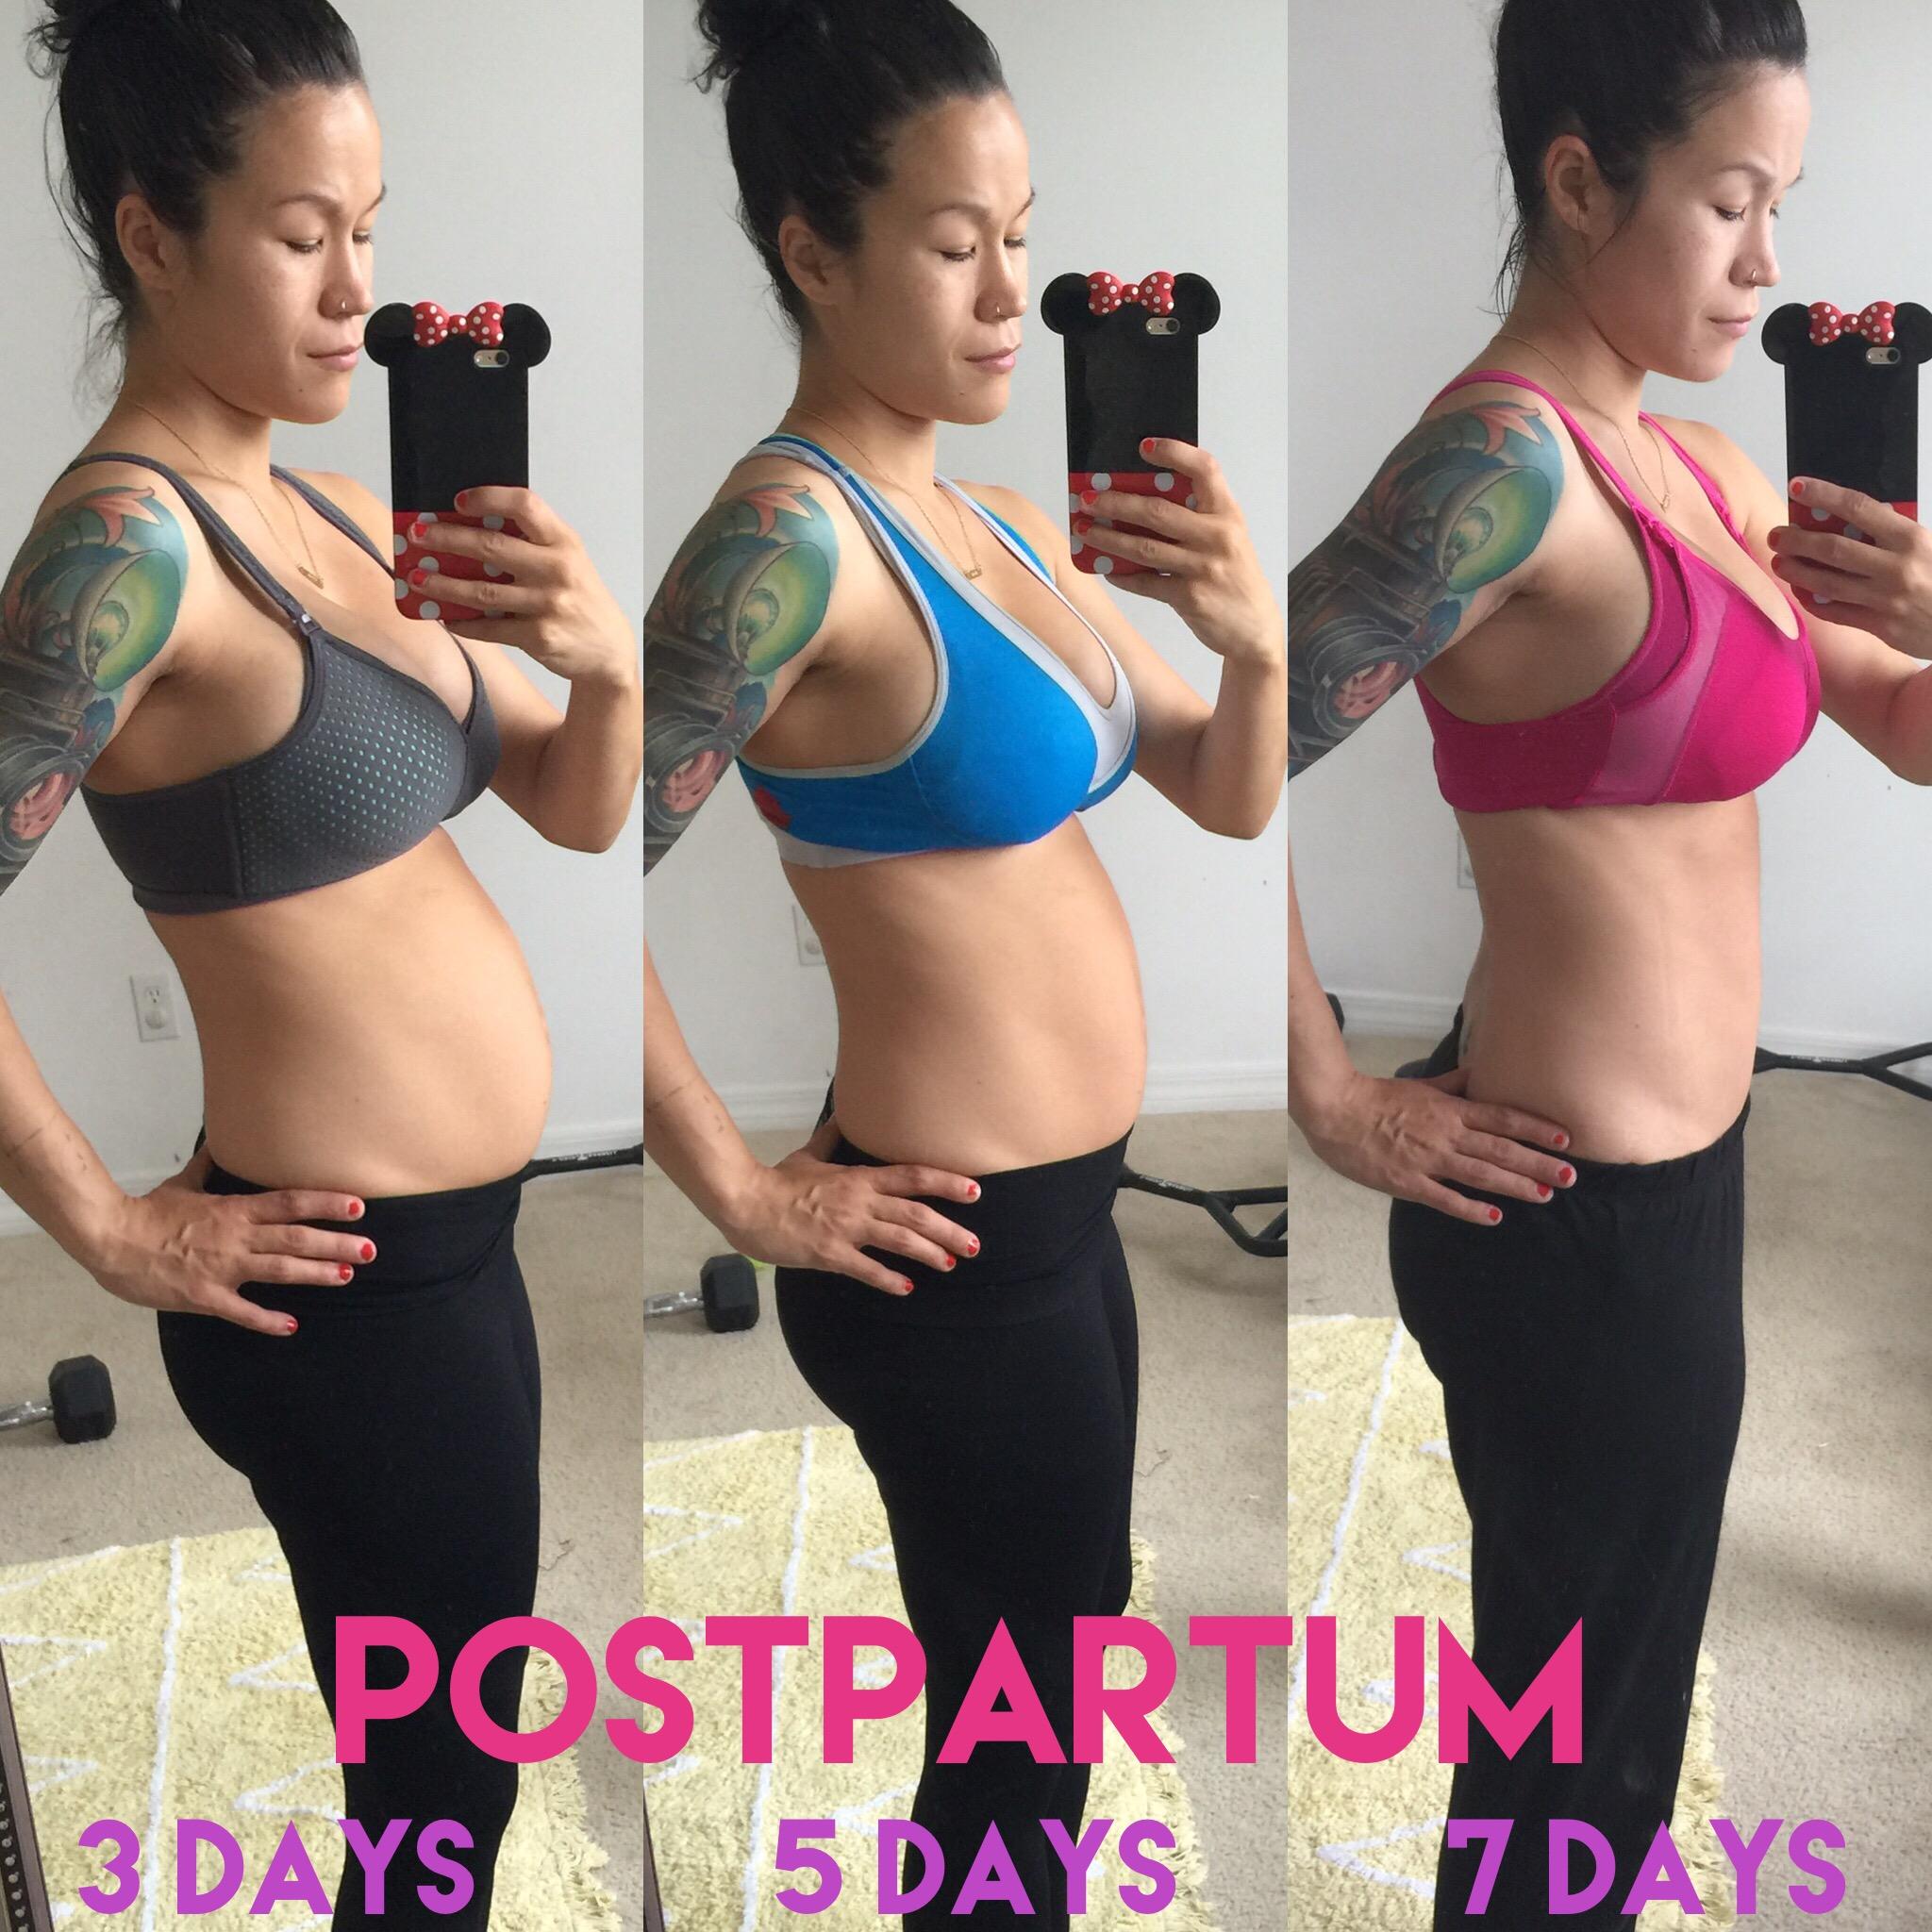 Healthy 6 Week Postpartum Diet Plan for Breastfeeding ...